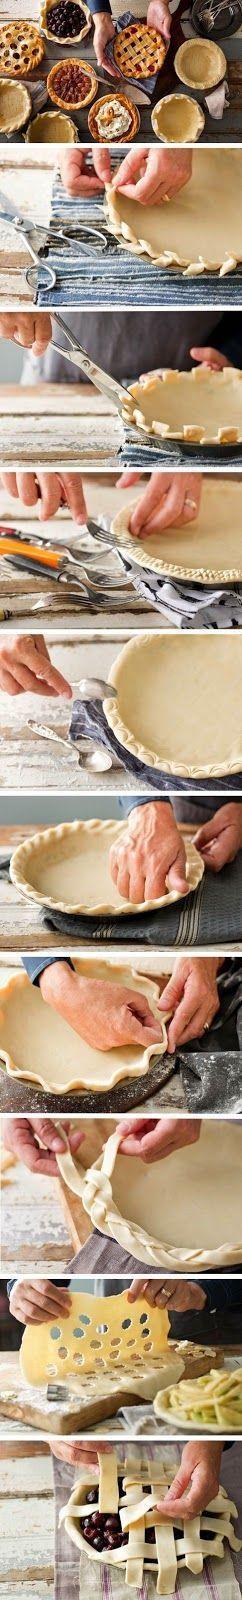 confection de fond de tartes ou pies